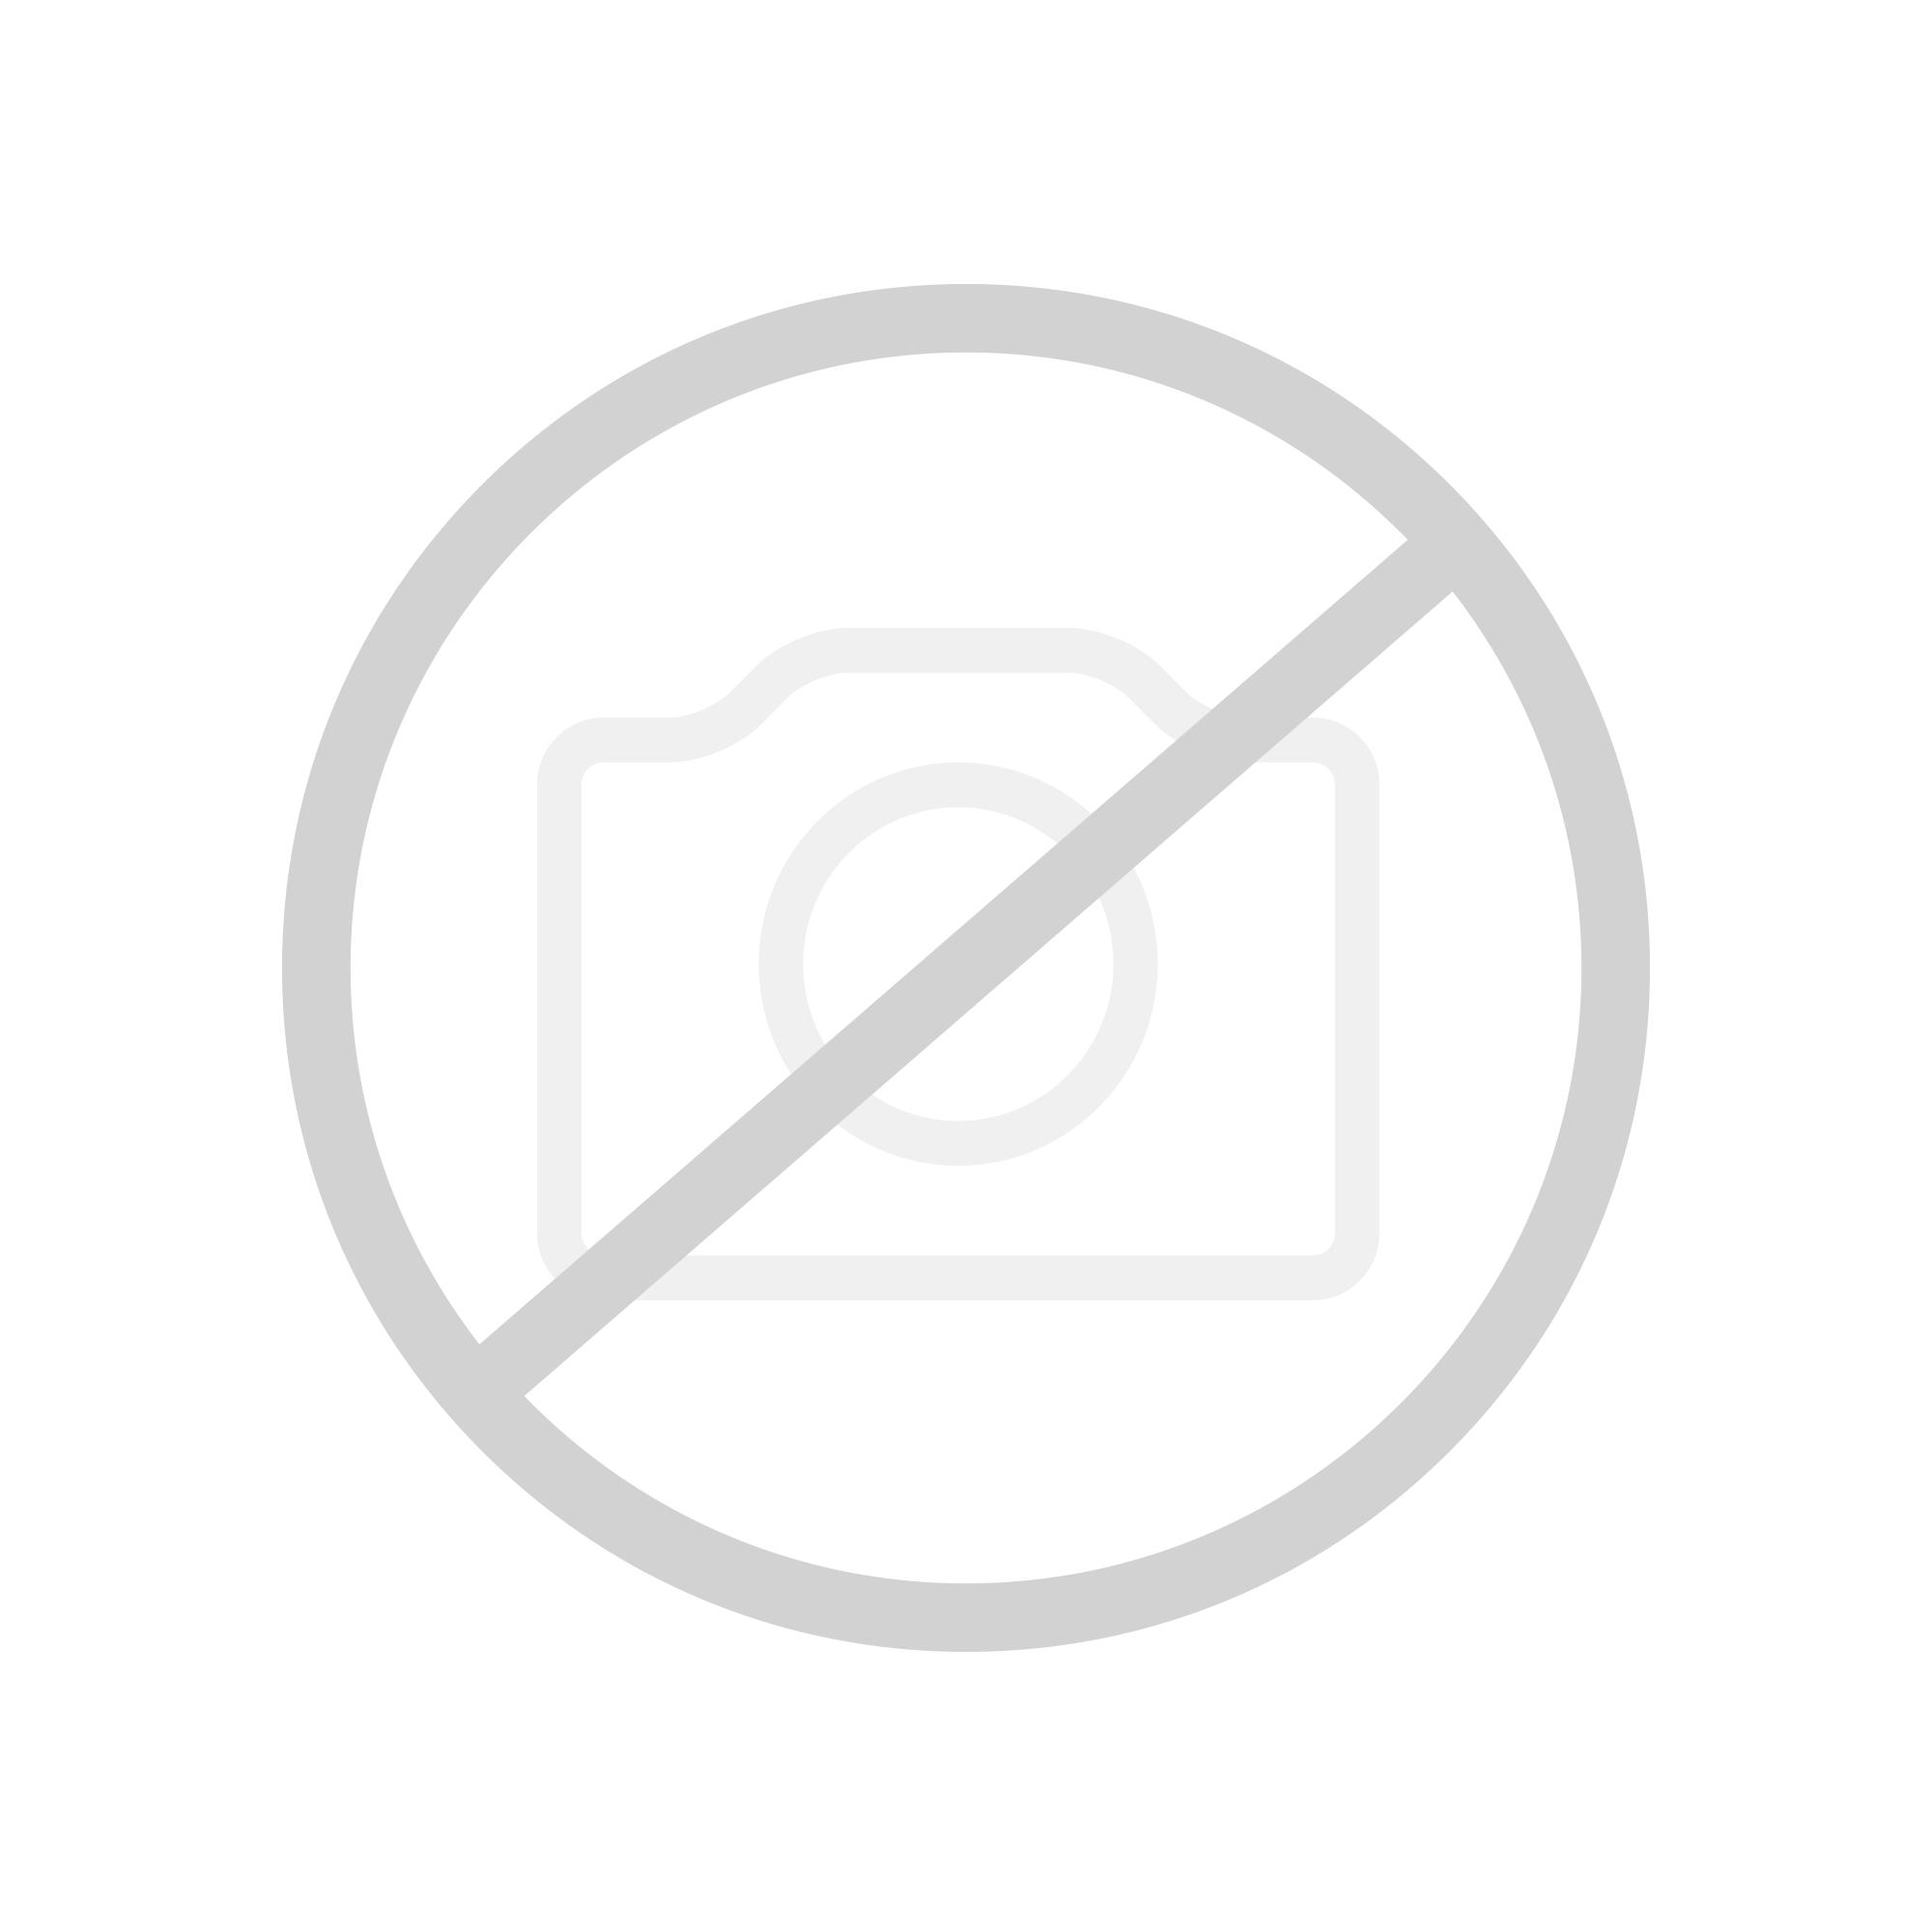 Keuco Edition 11 Einhebel-Waschtischmischer 250 ohne Ablaufgarnitur